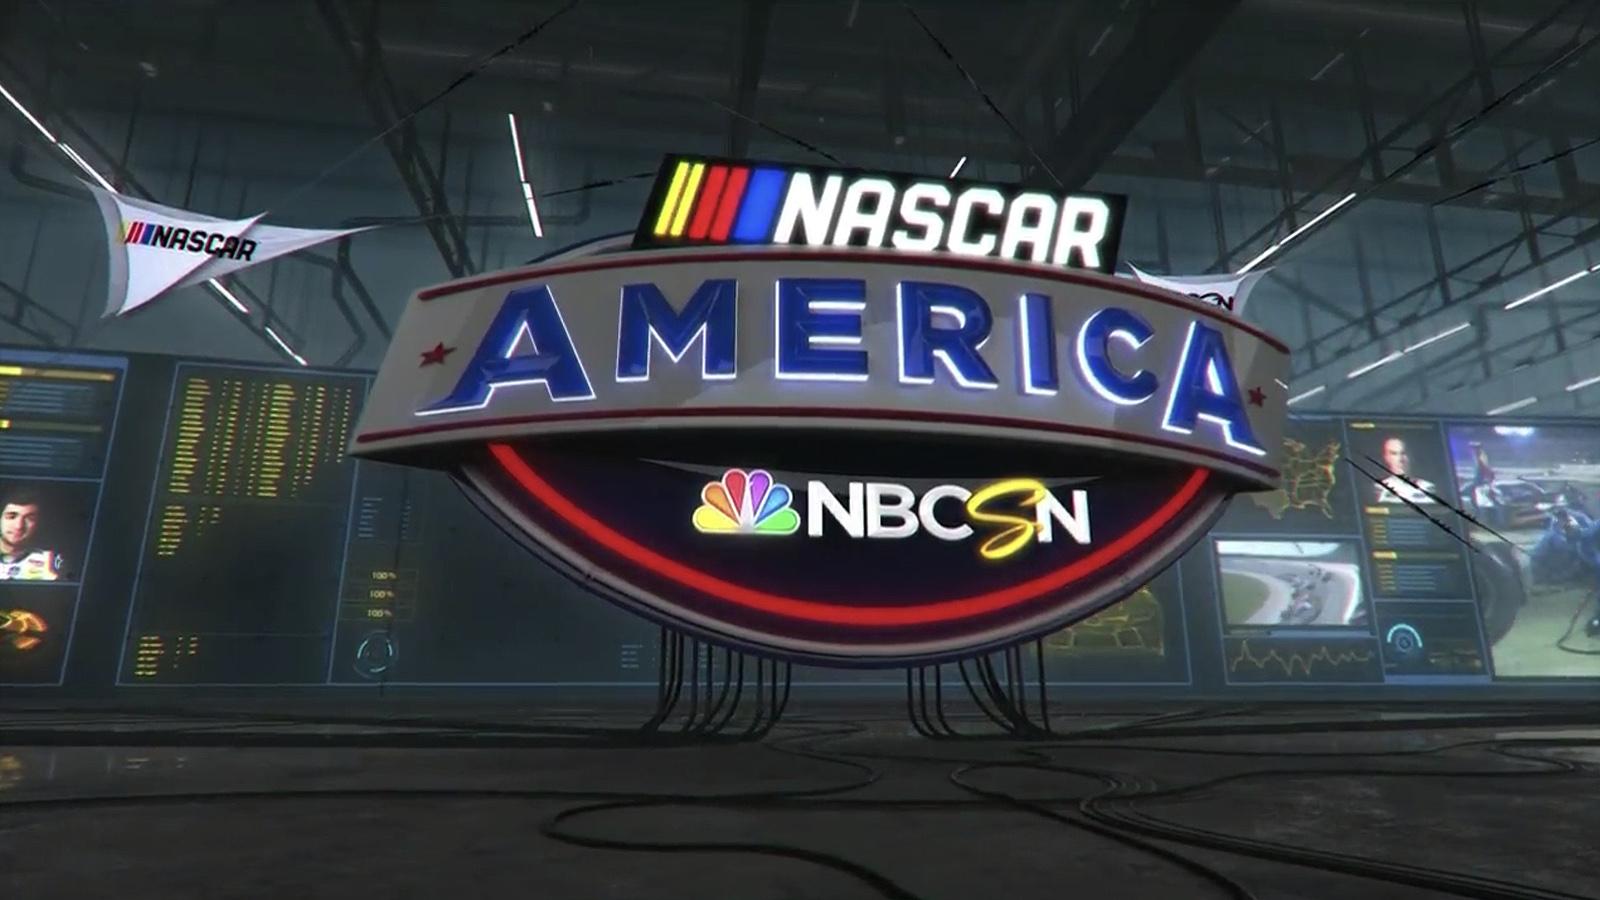 NCS_NASCAR-America-NBCSN_011